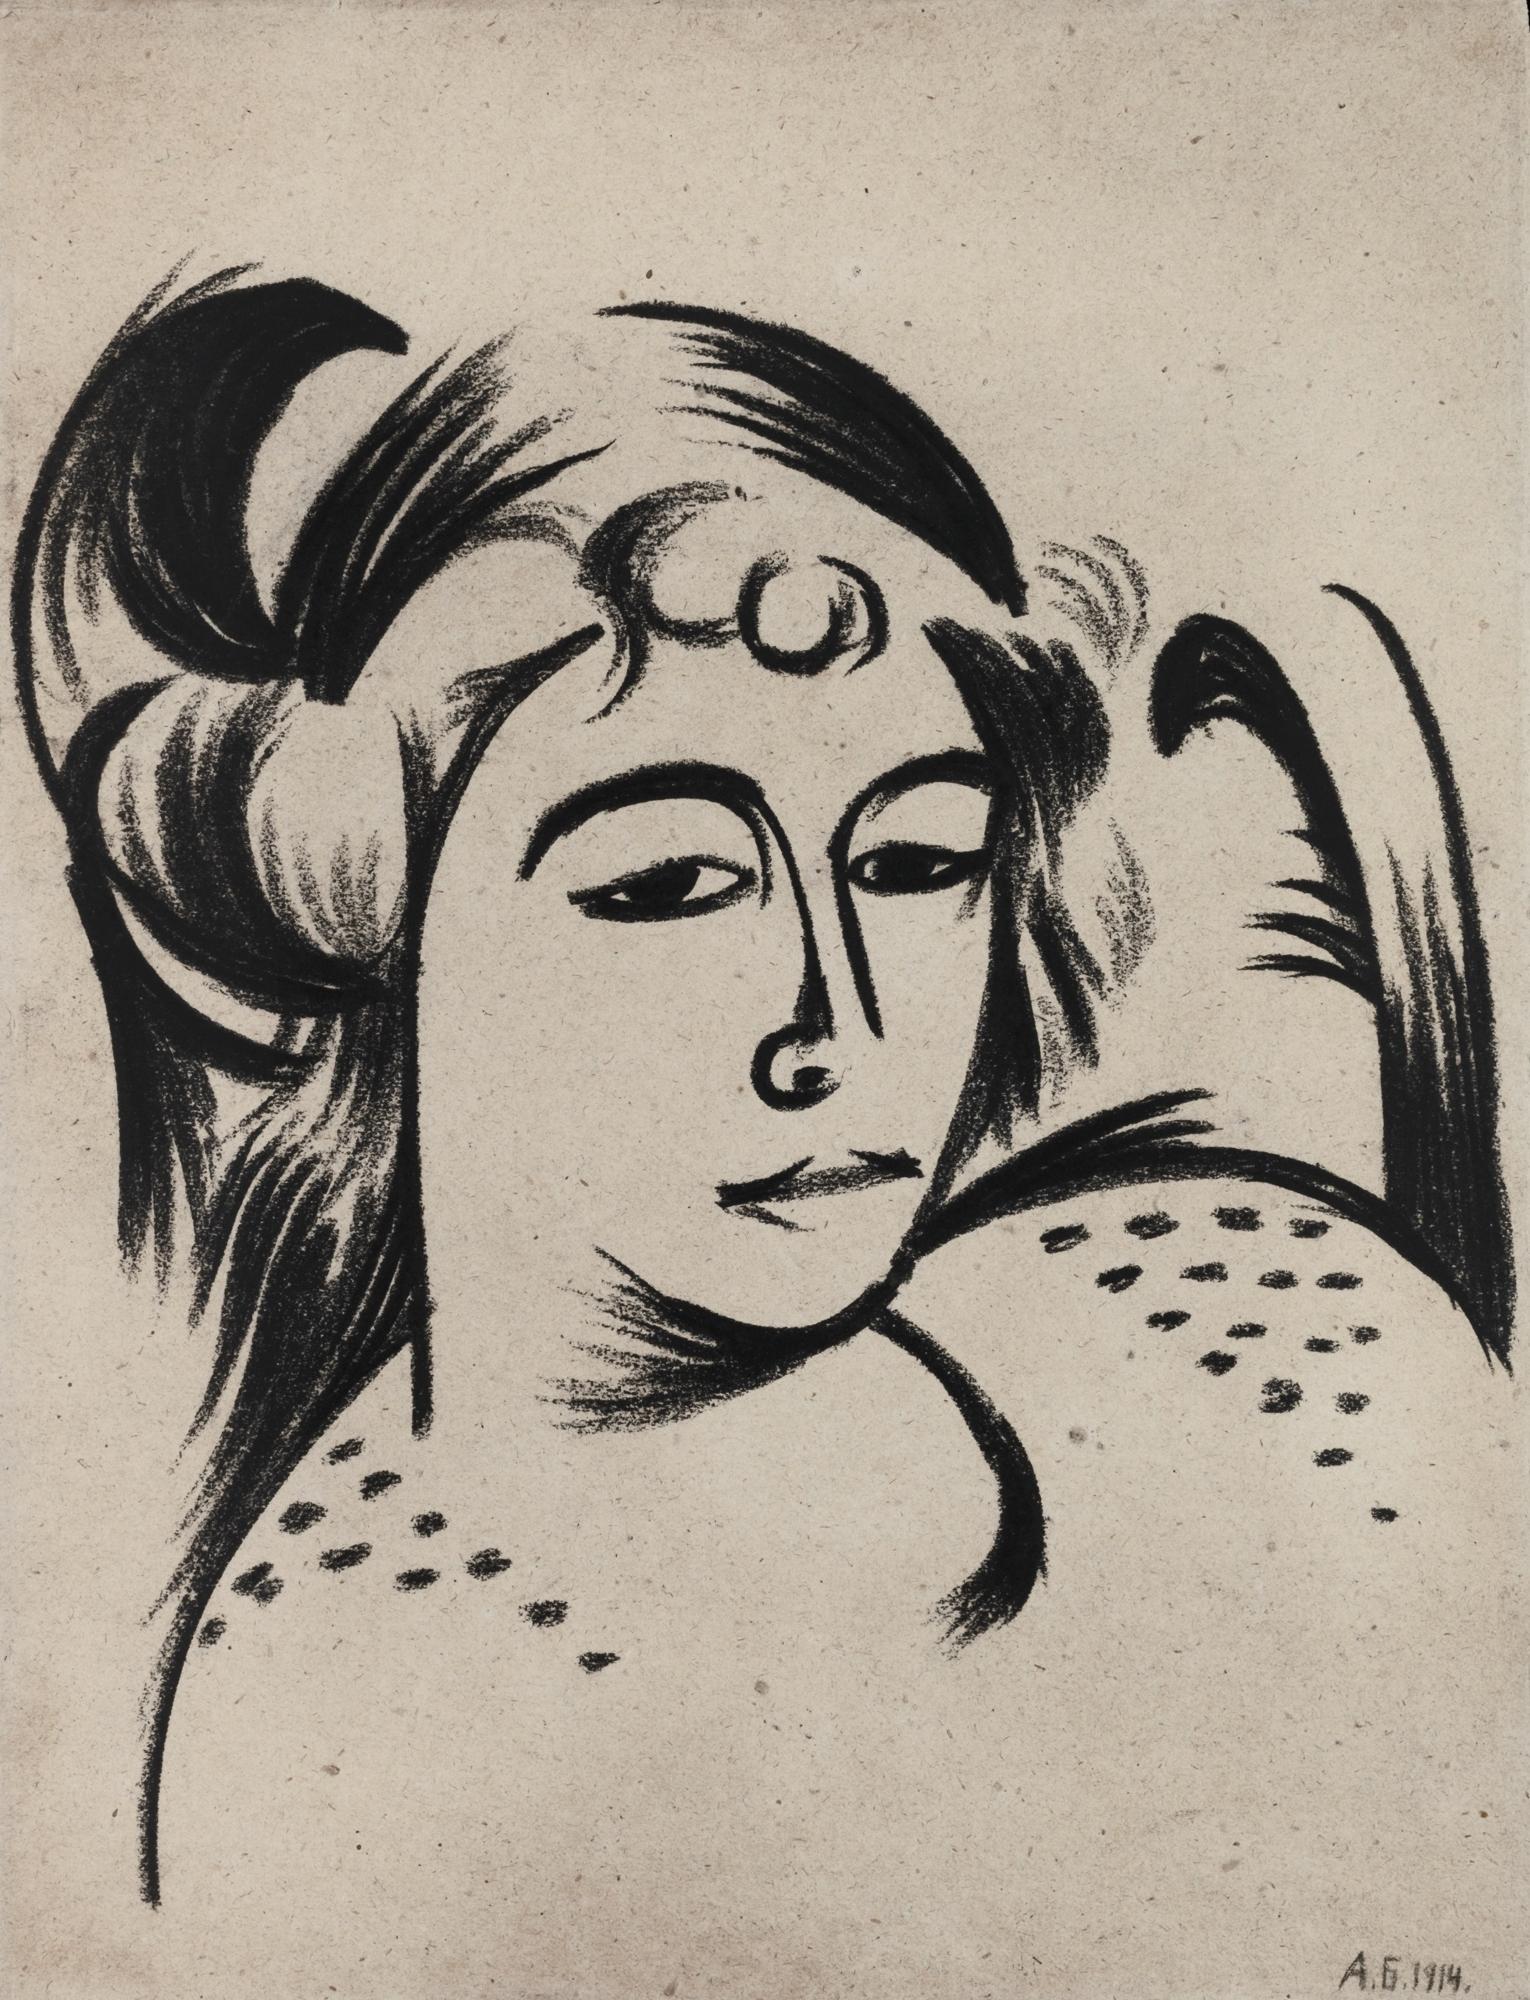 Wanda in an armchair, 1914 - Alexander Bogomazov